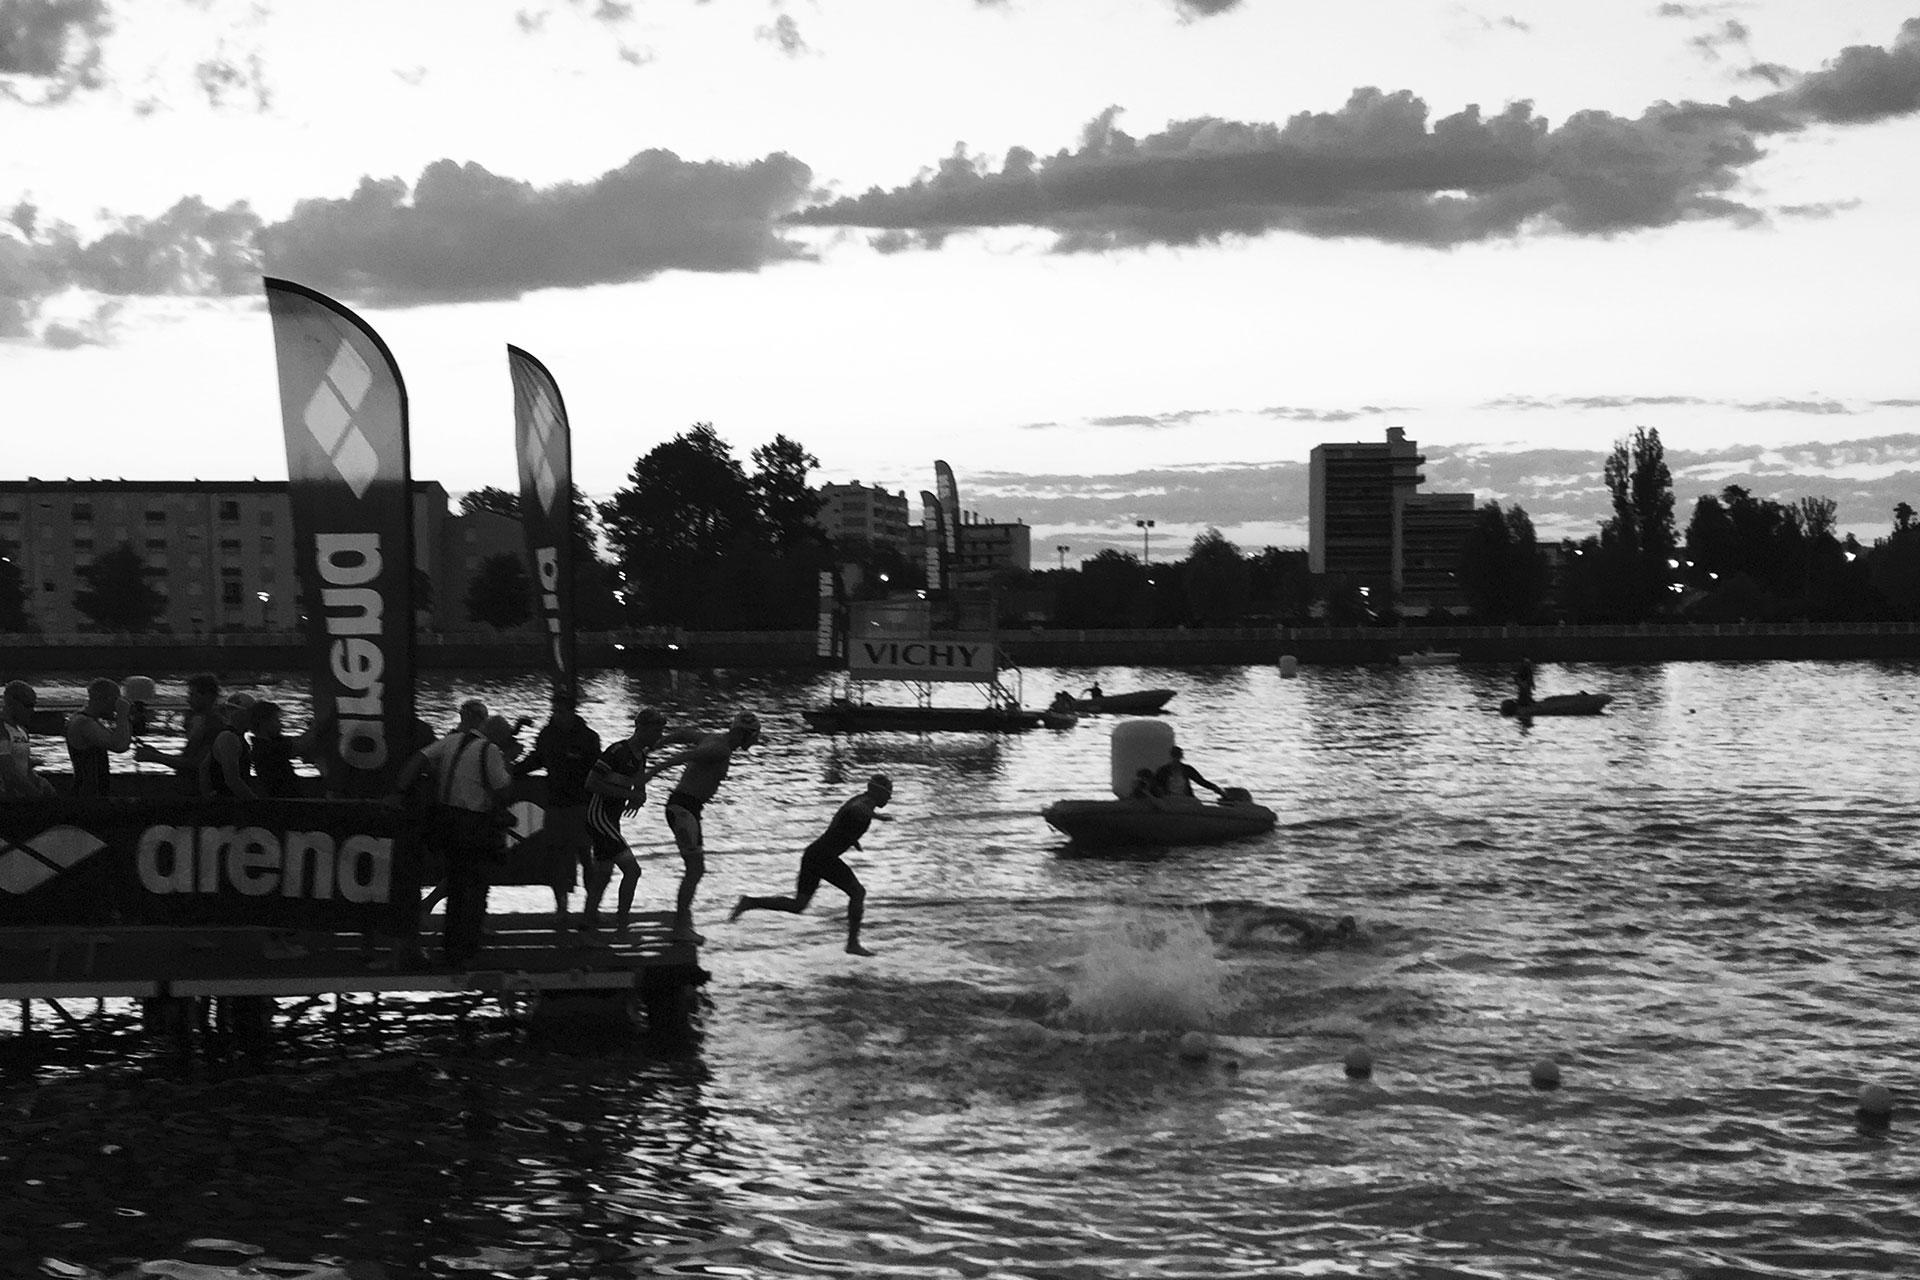 IRONMAN VICHY 2016 The Story: Echter Erfolg mit virtuellen Nebenwirkungen / Stau am Ponton und die Zeit läuft: Der Schwimmstart mit Rolling Start gleicht selbst bei einigen schnelleren Triathleten einem planlosen Sprung ins Ungewisse ©stefandrexl.de